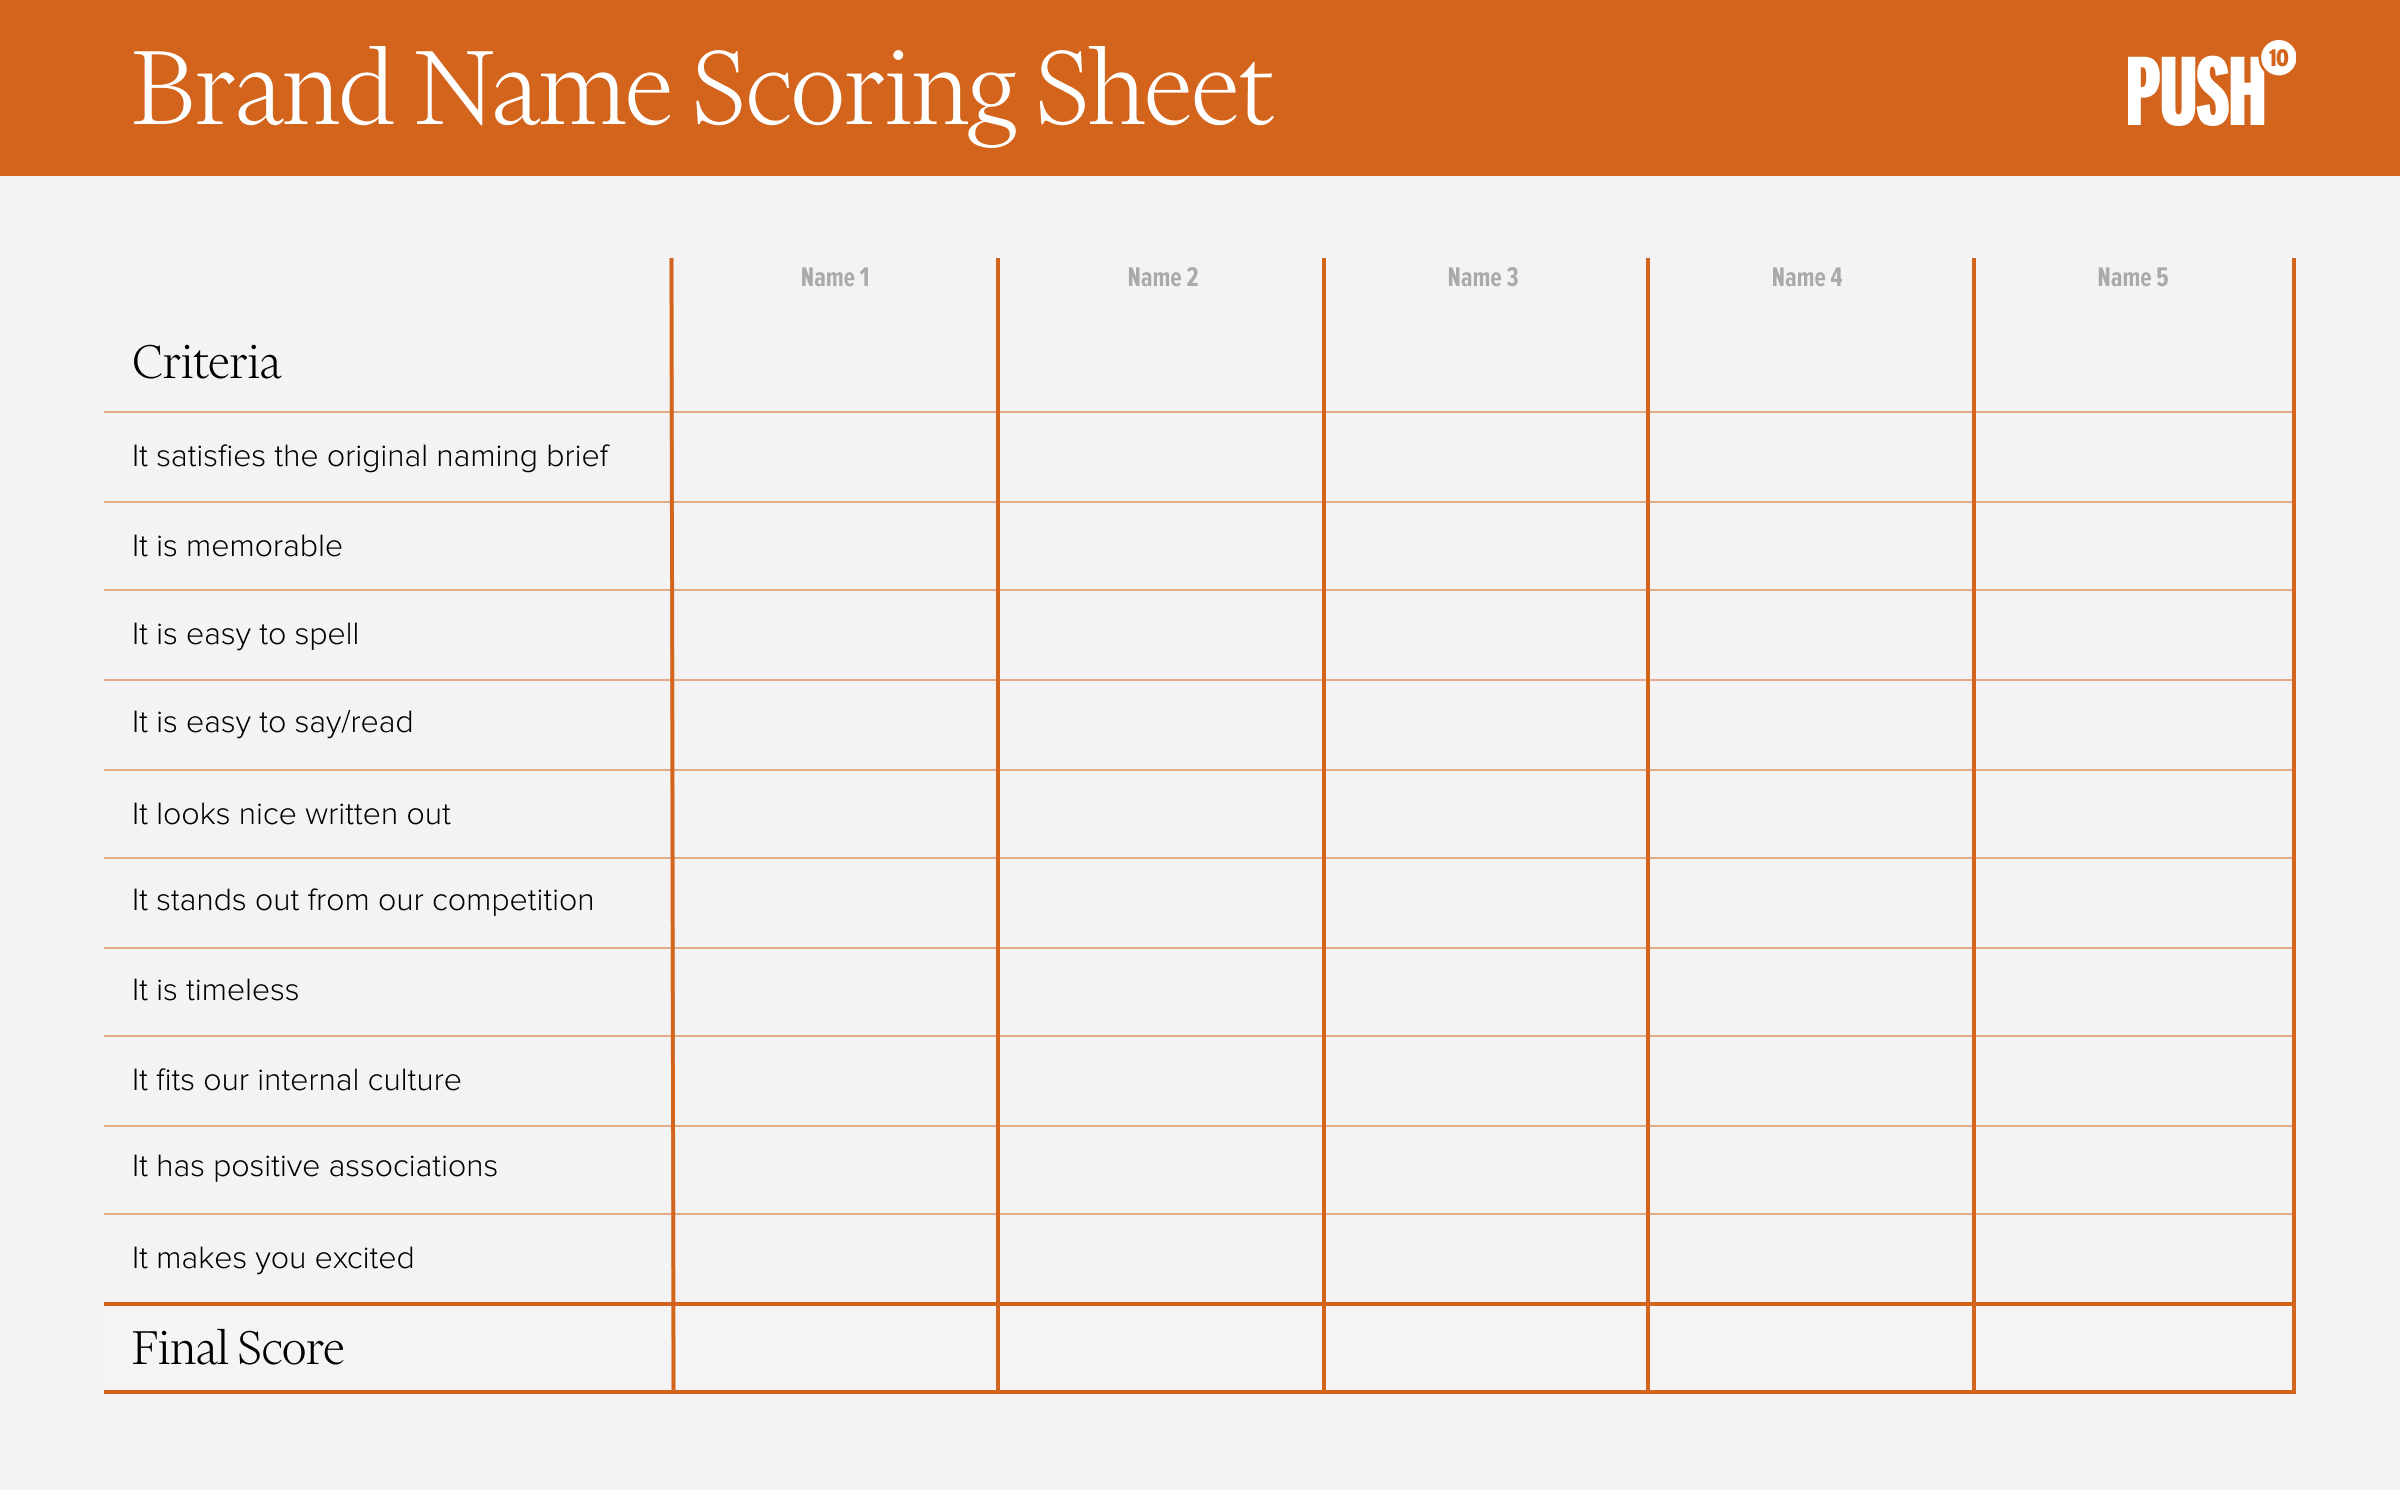 The Brand Naming Process Scoring Sheet